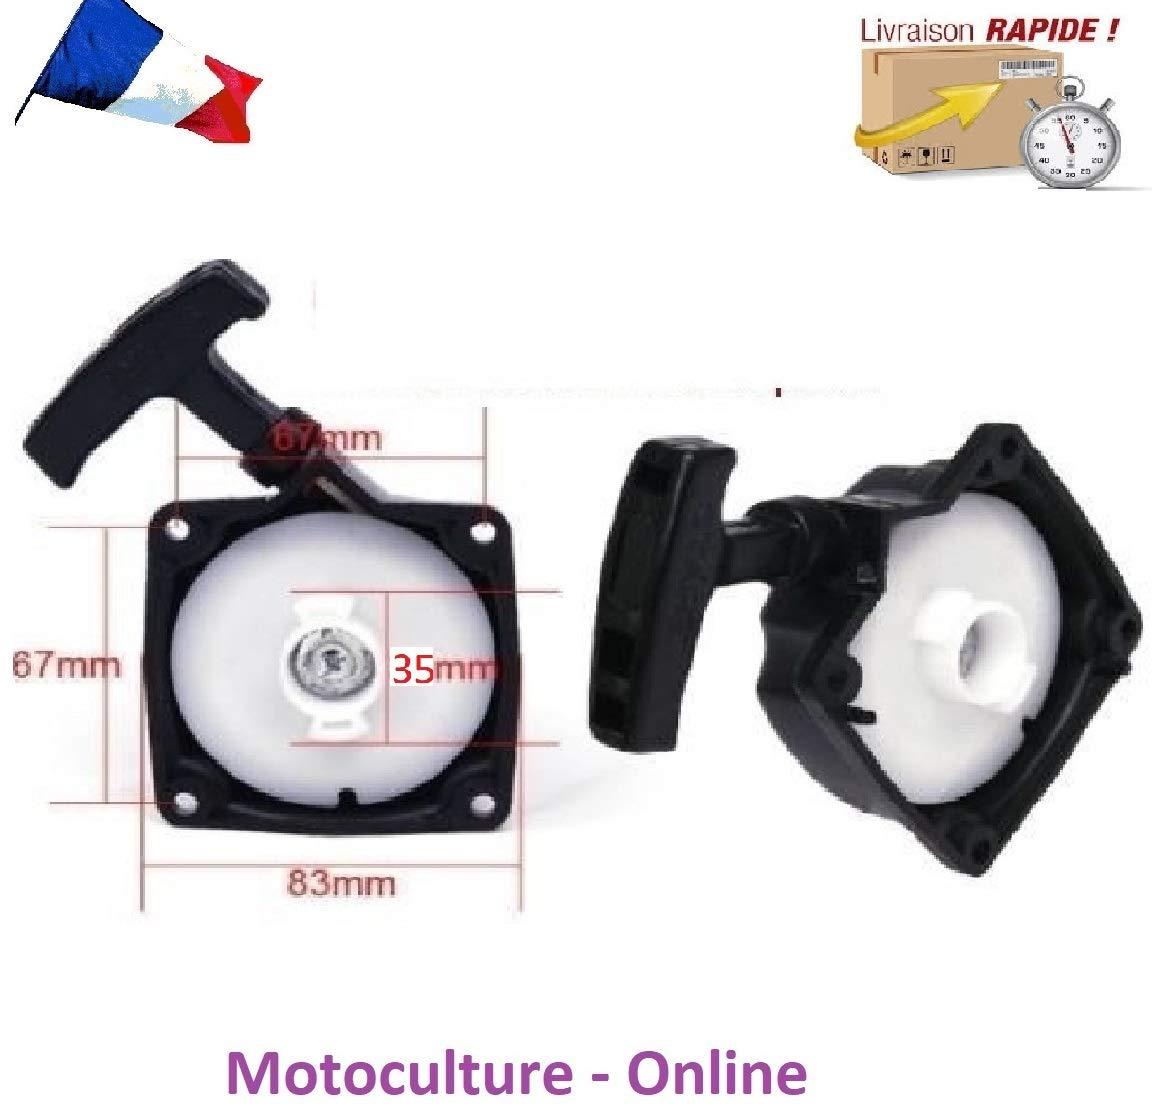 Motoculture-Online Lanceur/démarreur pour débroussailleuse ...